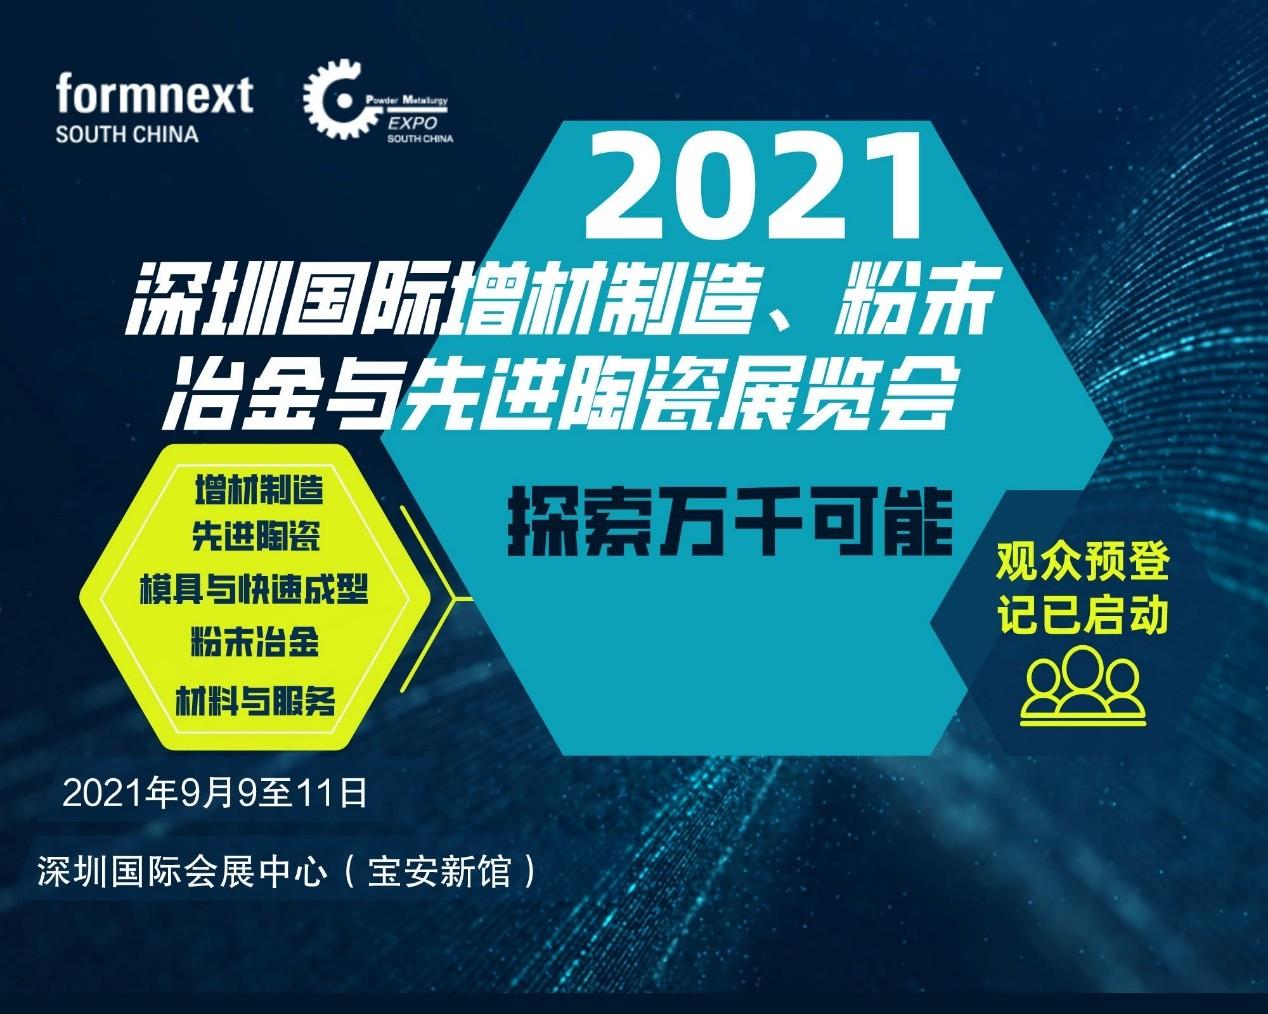 共筑增材制造(3D打印)新前景,Formnext2021与你9月相聚深圳